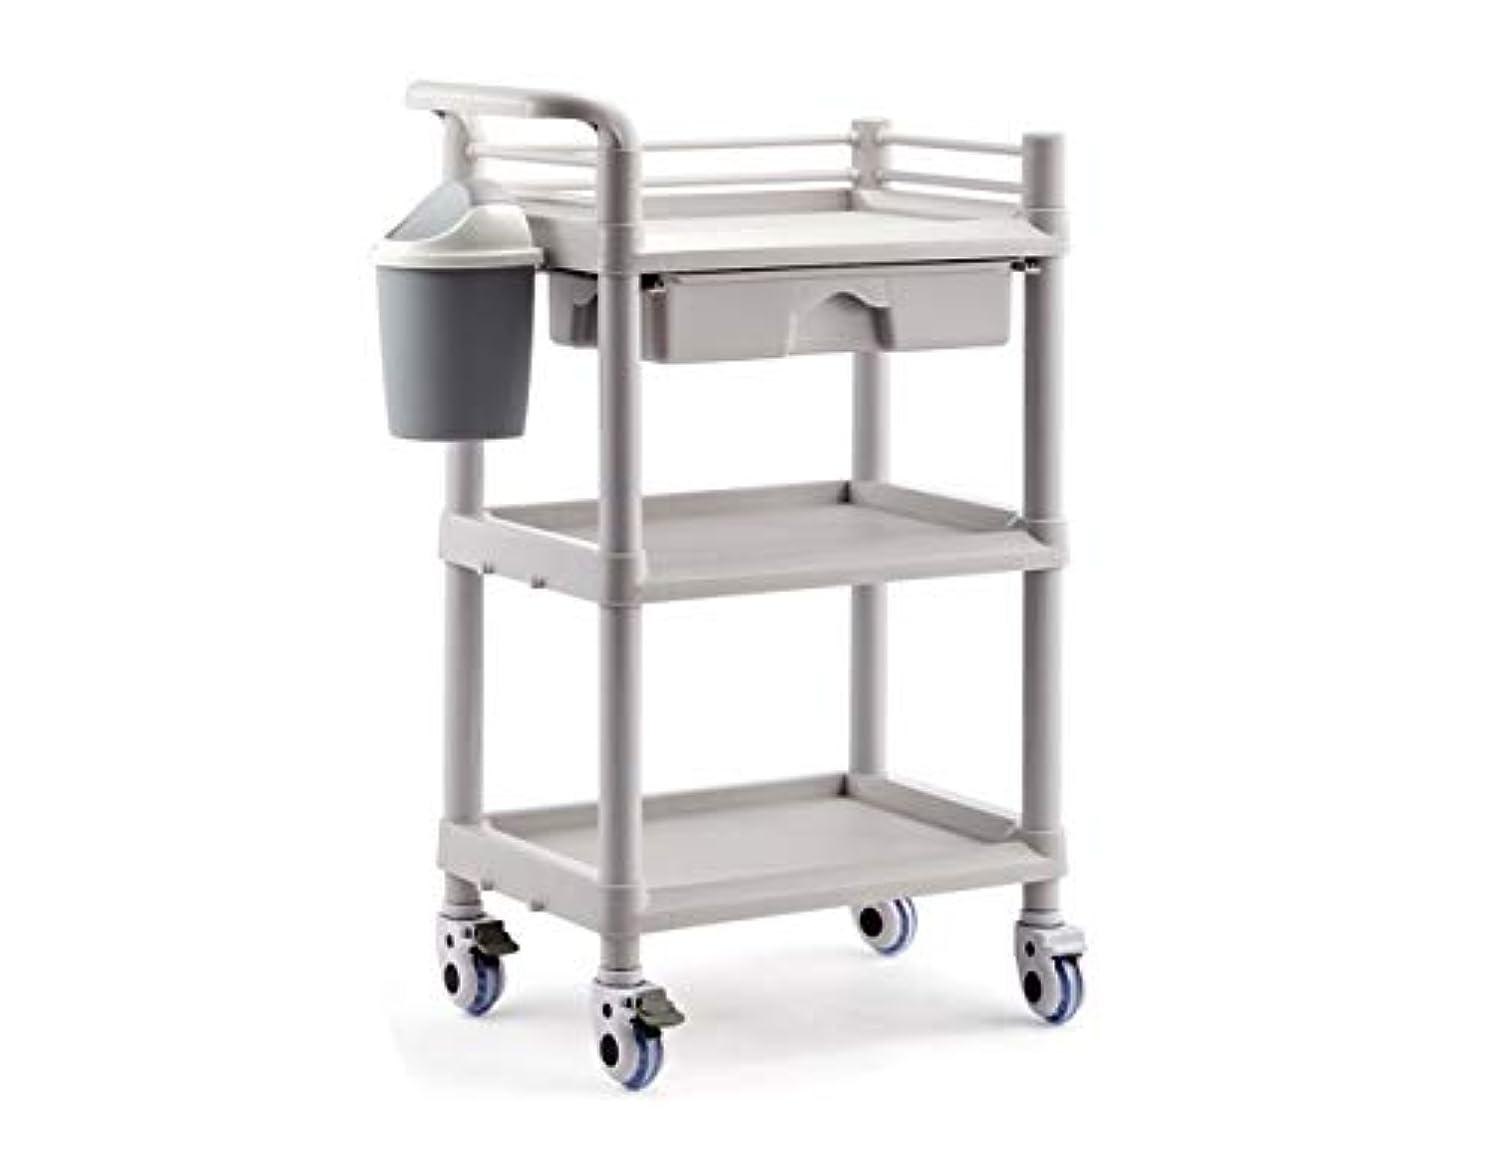 にやにやうめき声政治家サロン家具スパ美容トロリーローリングカートゴミ箱2または3層6種類オプション Elitzia ET005 (灰色引き出しとゴミ箱付き3層)